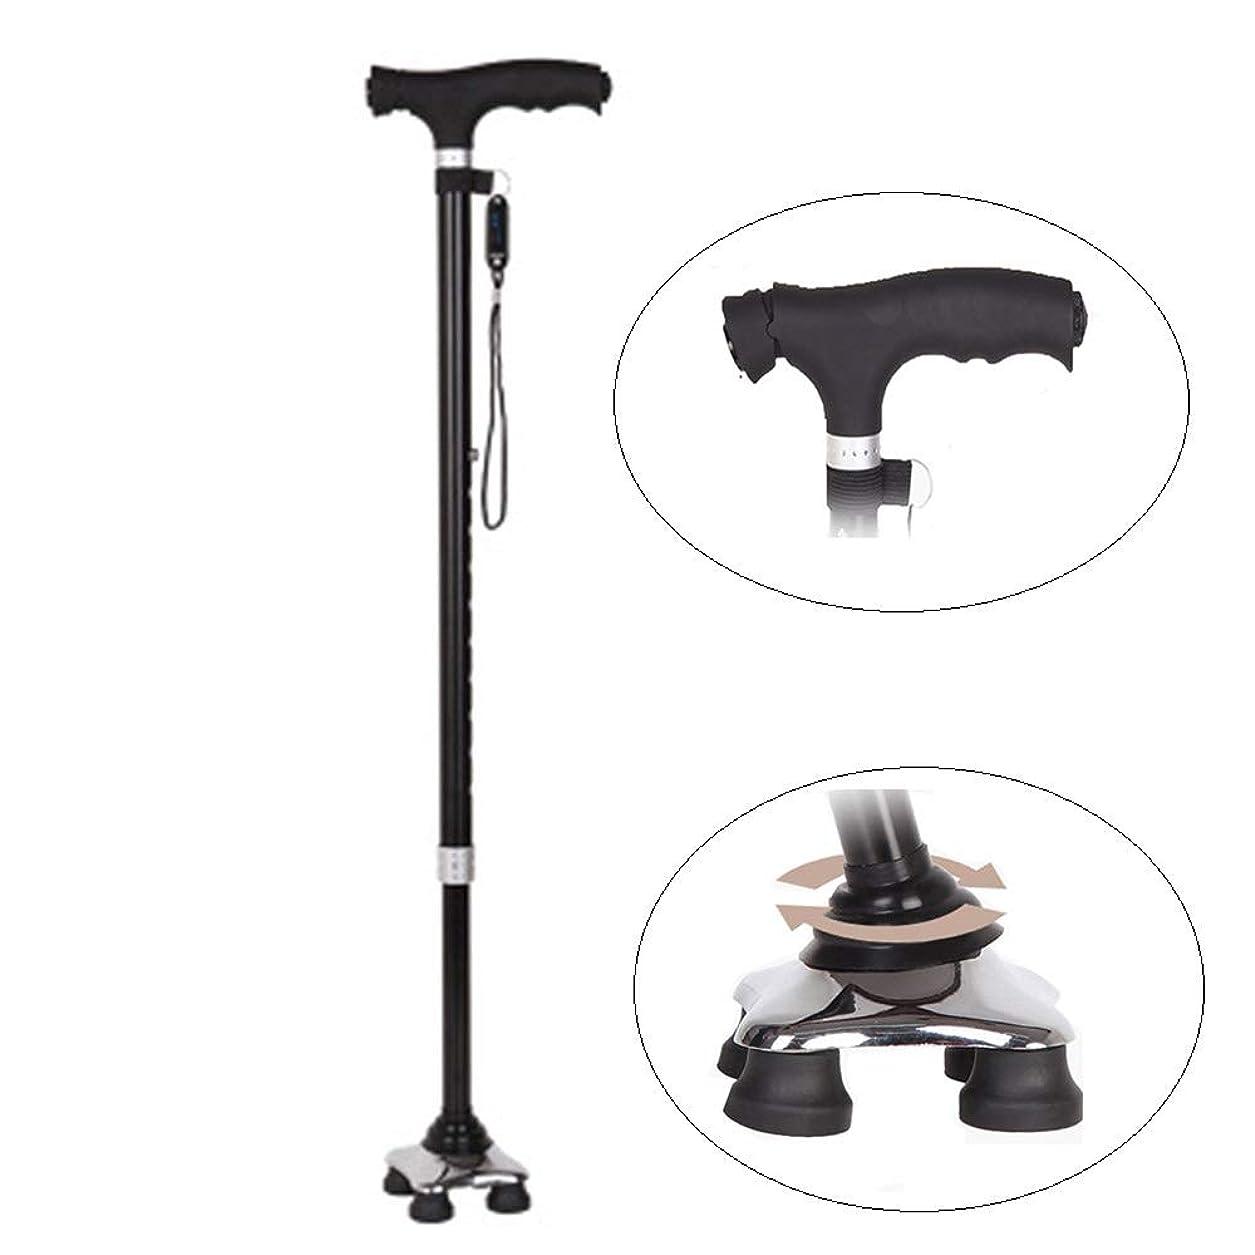 賭けきしむ消毒剤Mldeng 杖 4点支持 軽量 ステッキ 伸縮 つえ 10段階調節 自立 多点杖 アルミ製 歩行補助 ストラップ 黒い